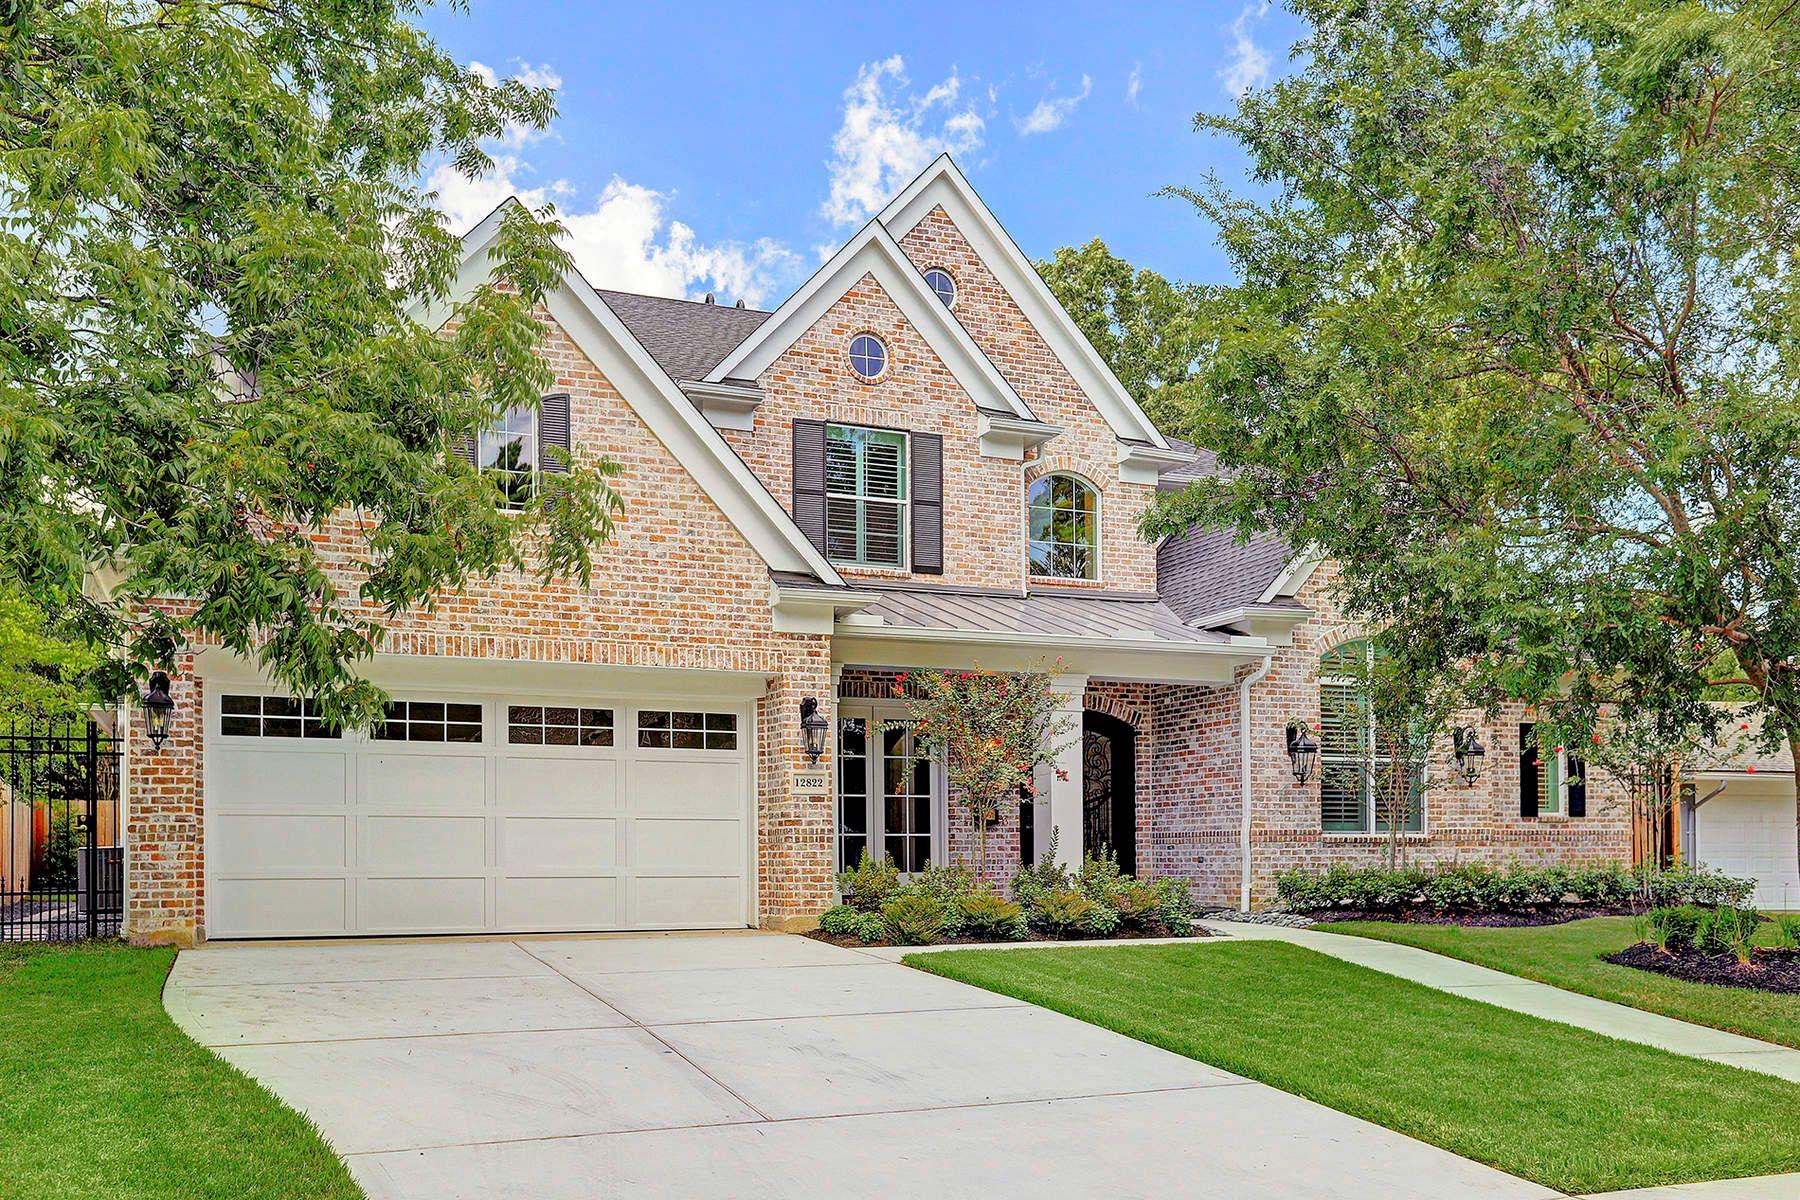 独户住宅 为 销售 在 12822 Tosca Lane Memorial, 休斯顿, 得克萨斯州, 77024 美国